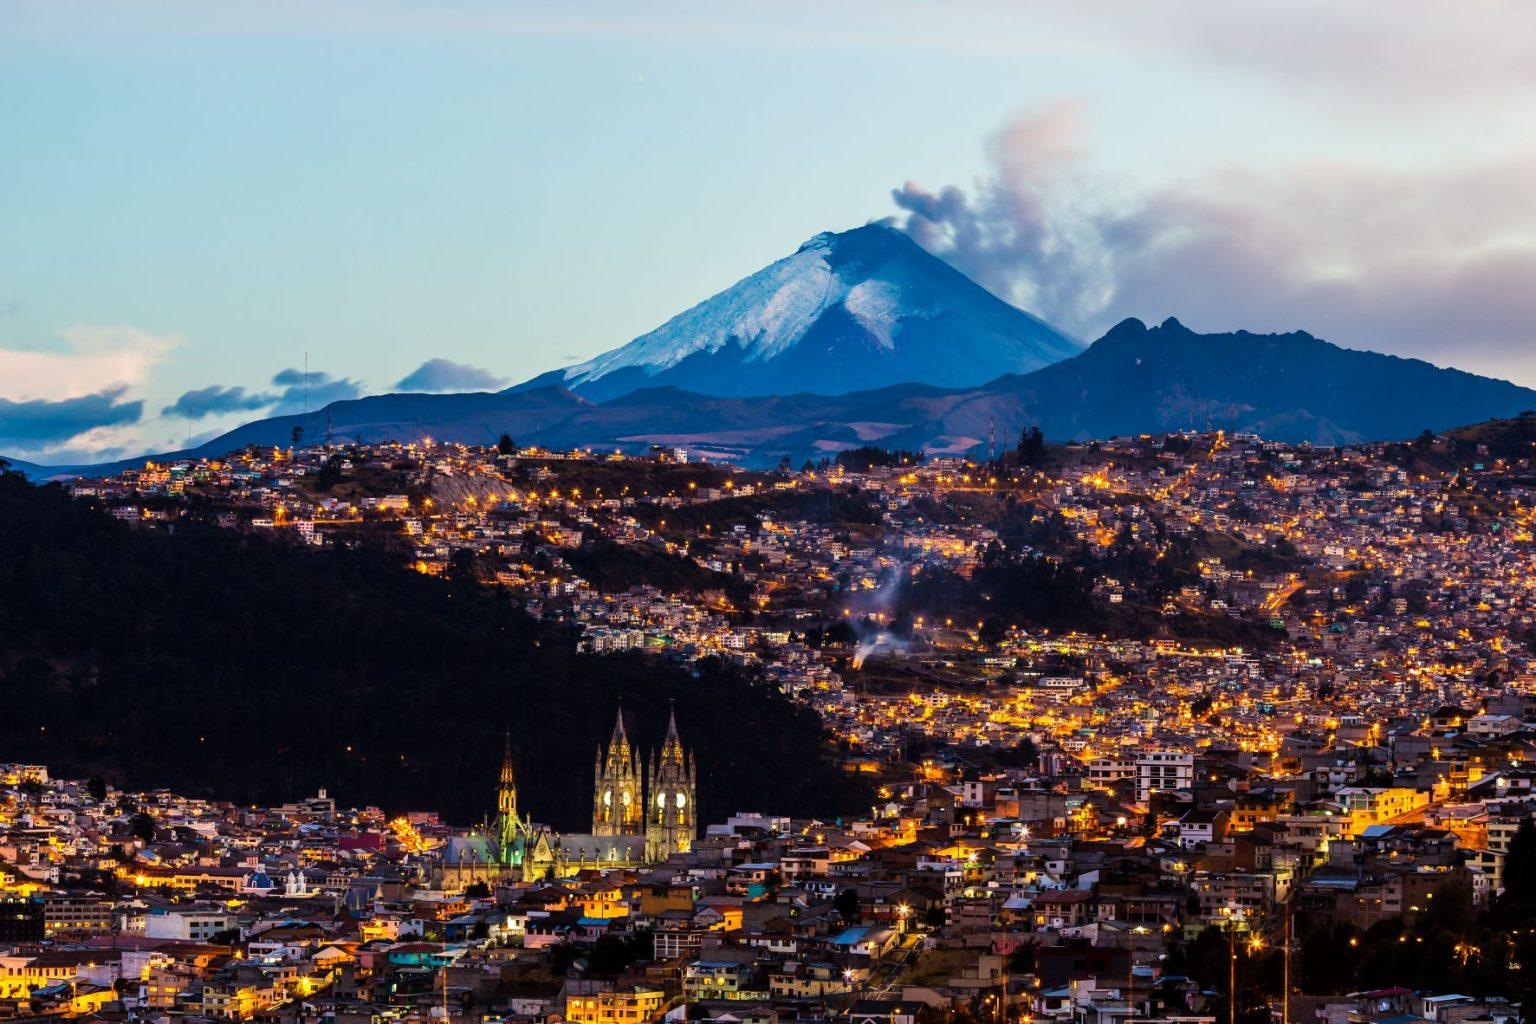 USTDA impulsa el transporte público sostenible en Ecuador